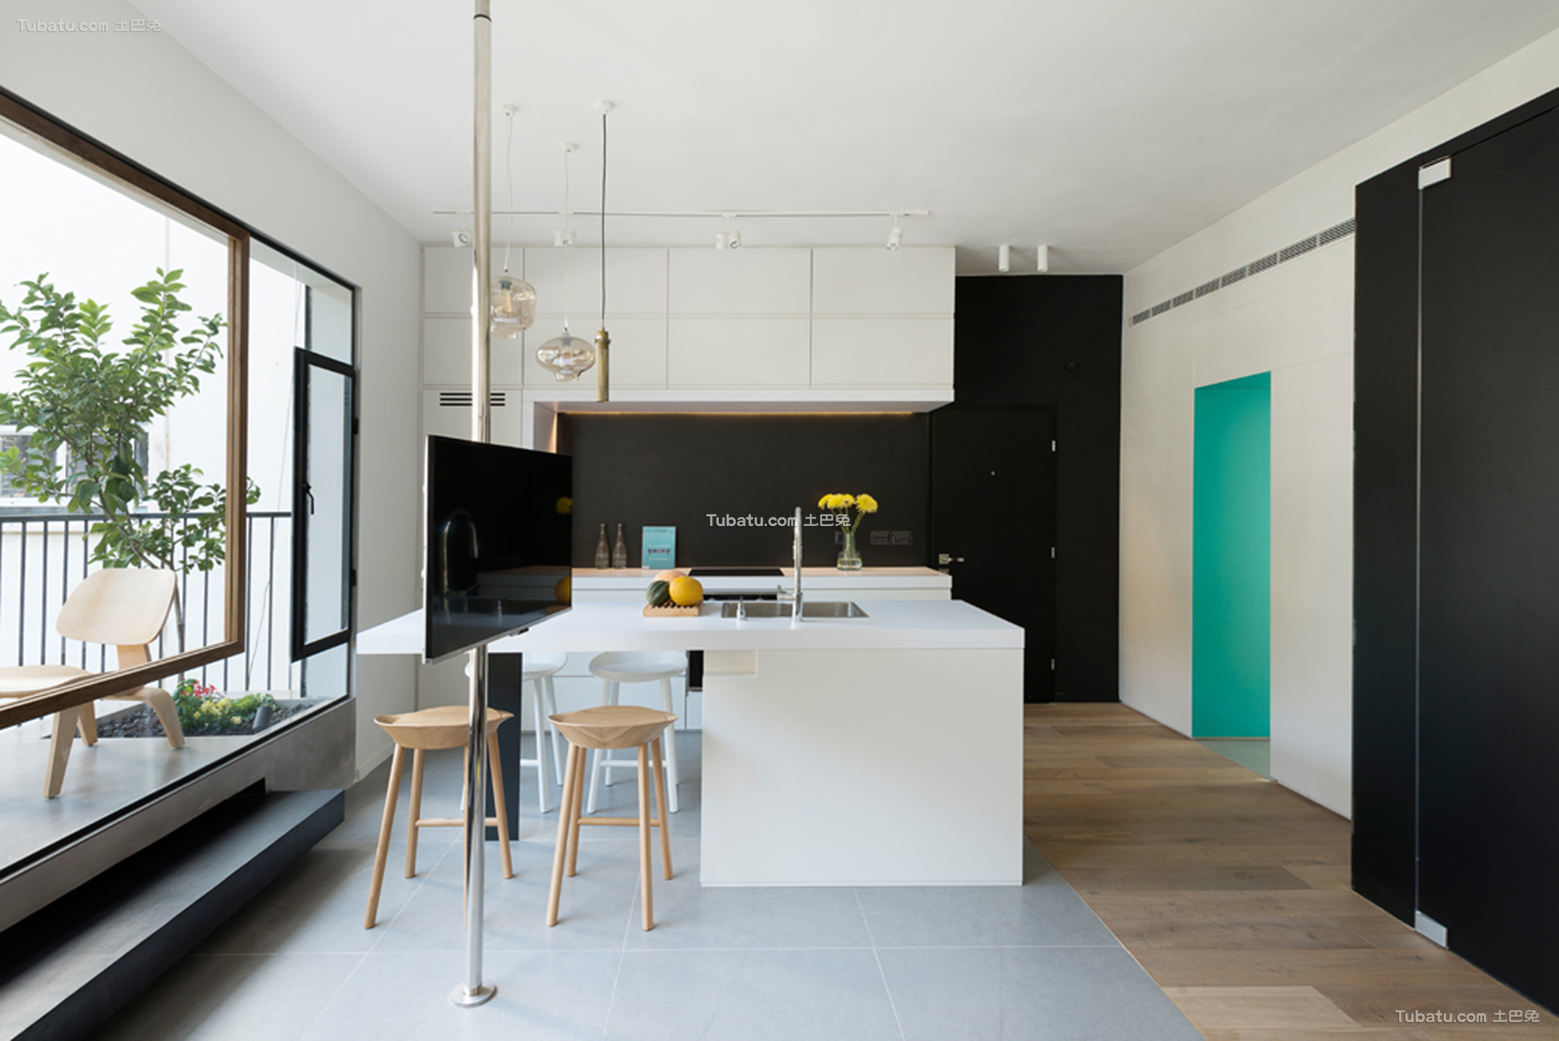 现代家装设计吧台图片欣赏大全